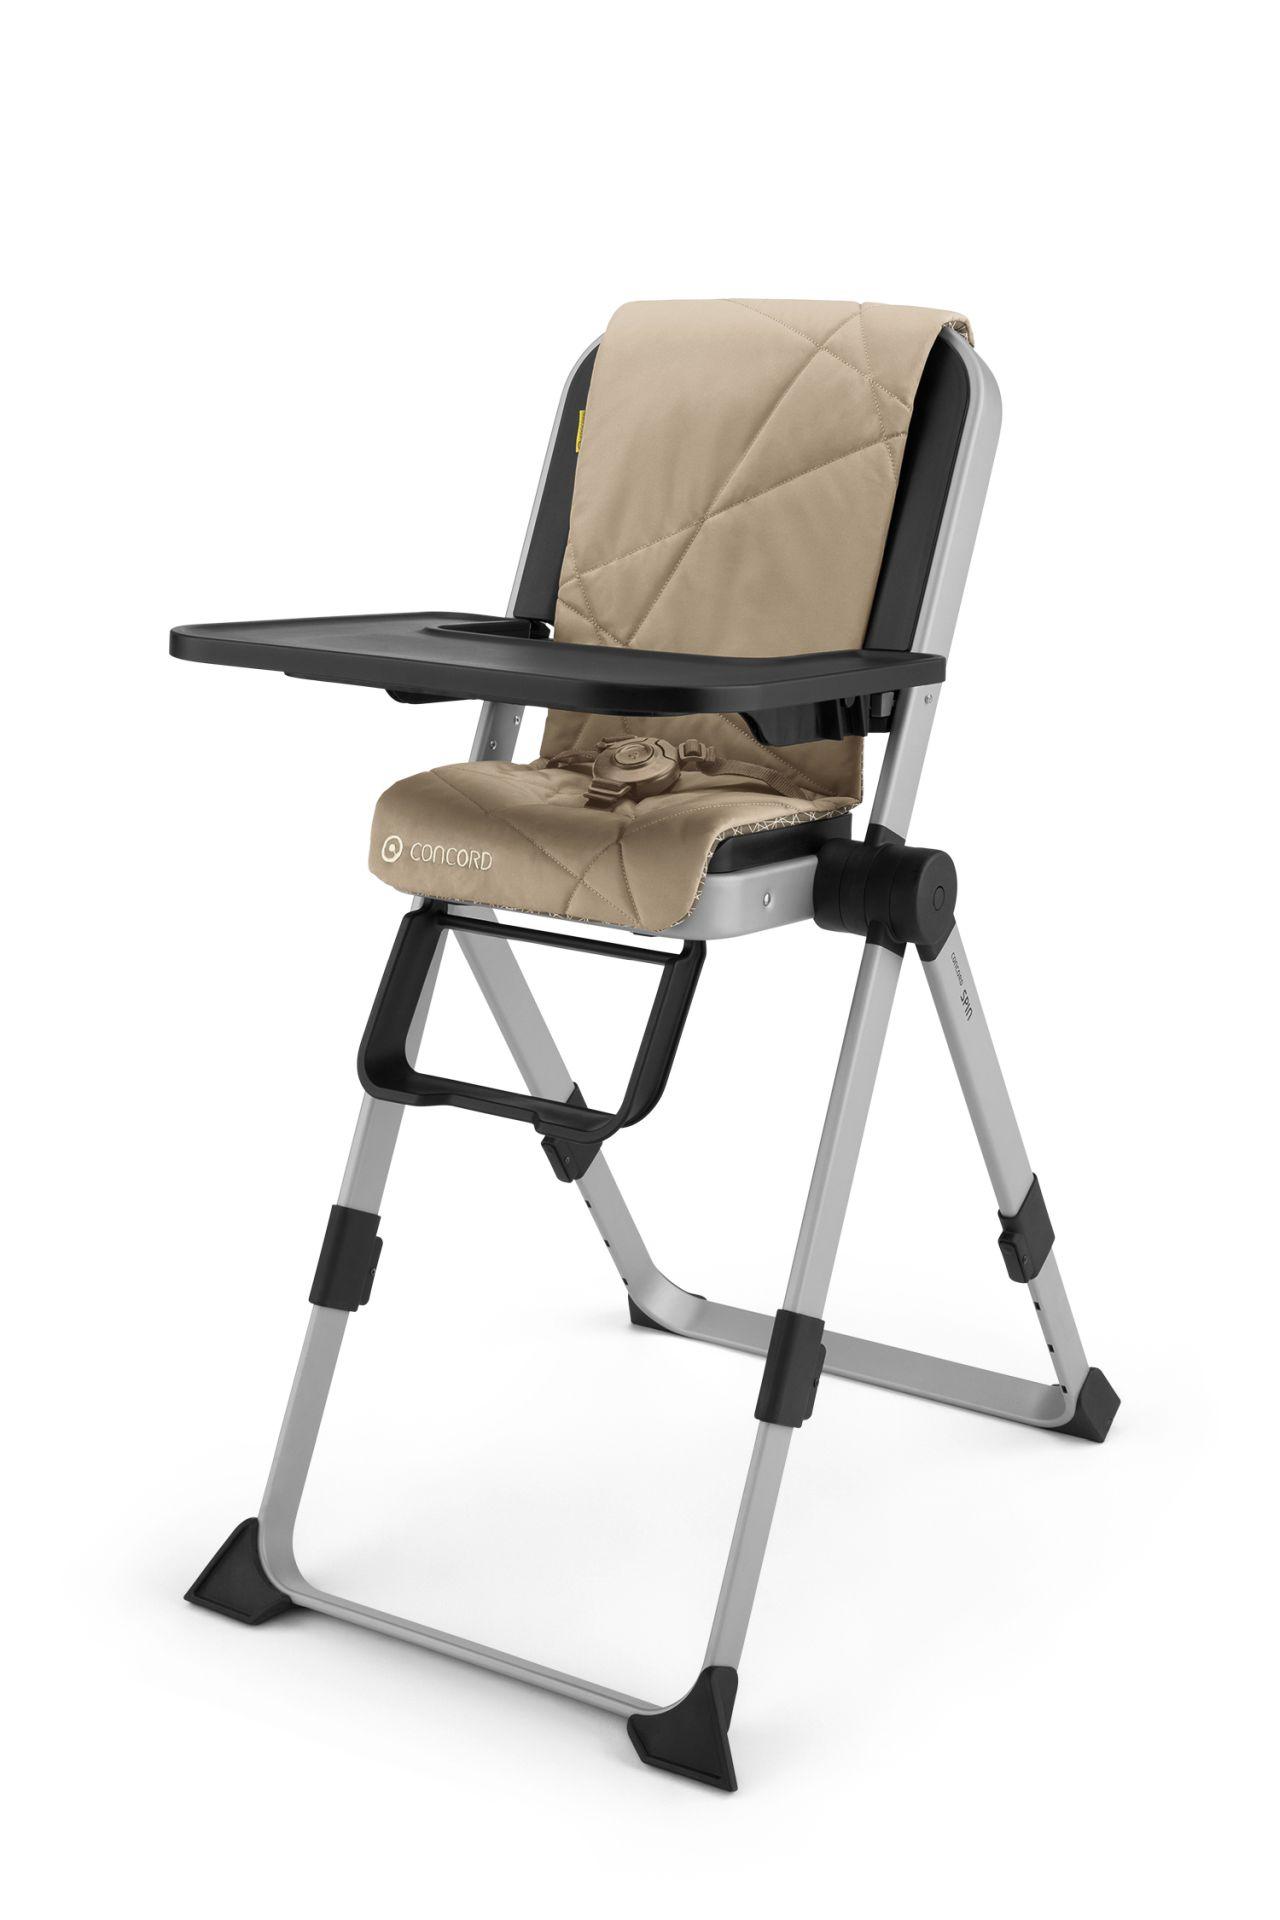 chaise haute spin par concord powder beige acheter sur kidsroom b b s la maison. Black Bedroom Furniture Sets. Home Design Ideas